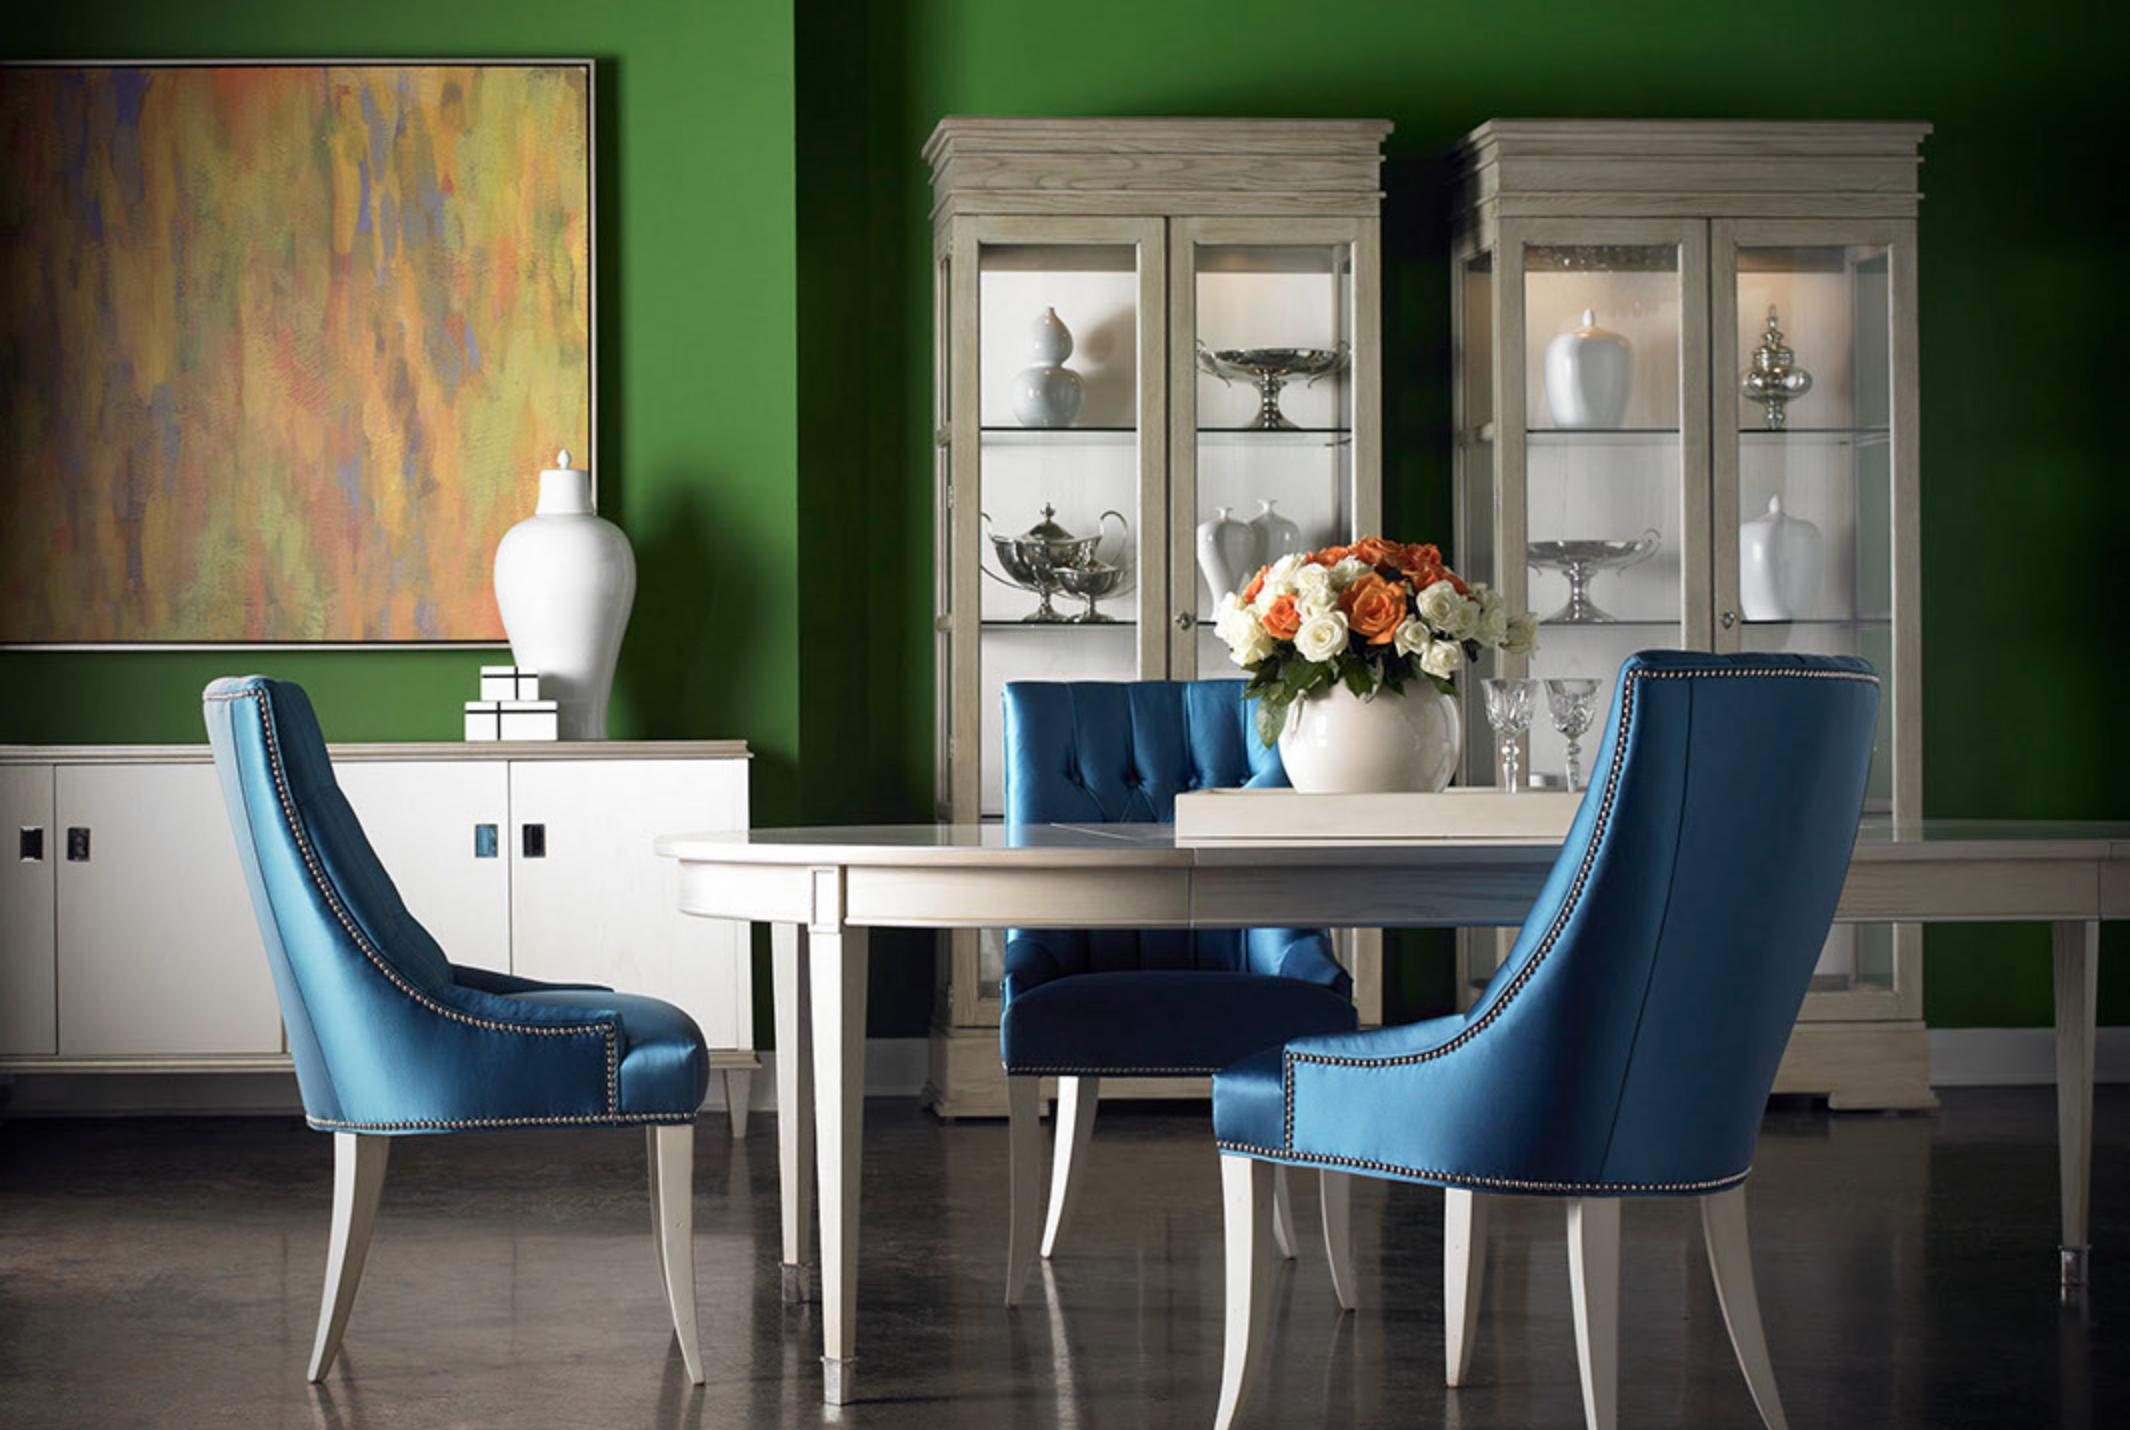 WO_Home Fashion_Furniture7